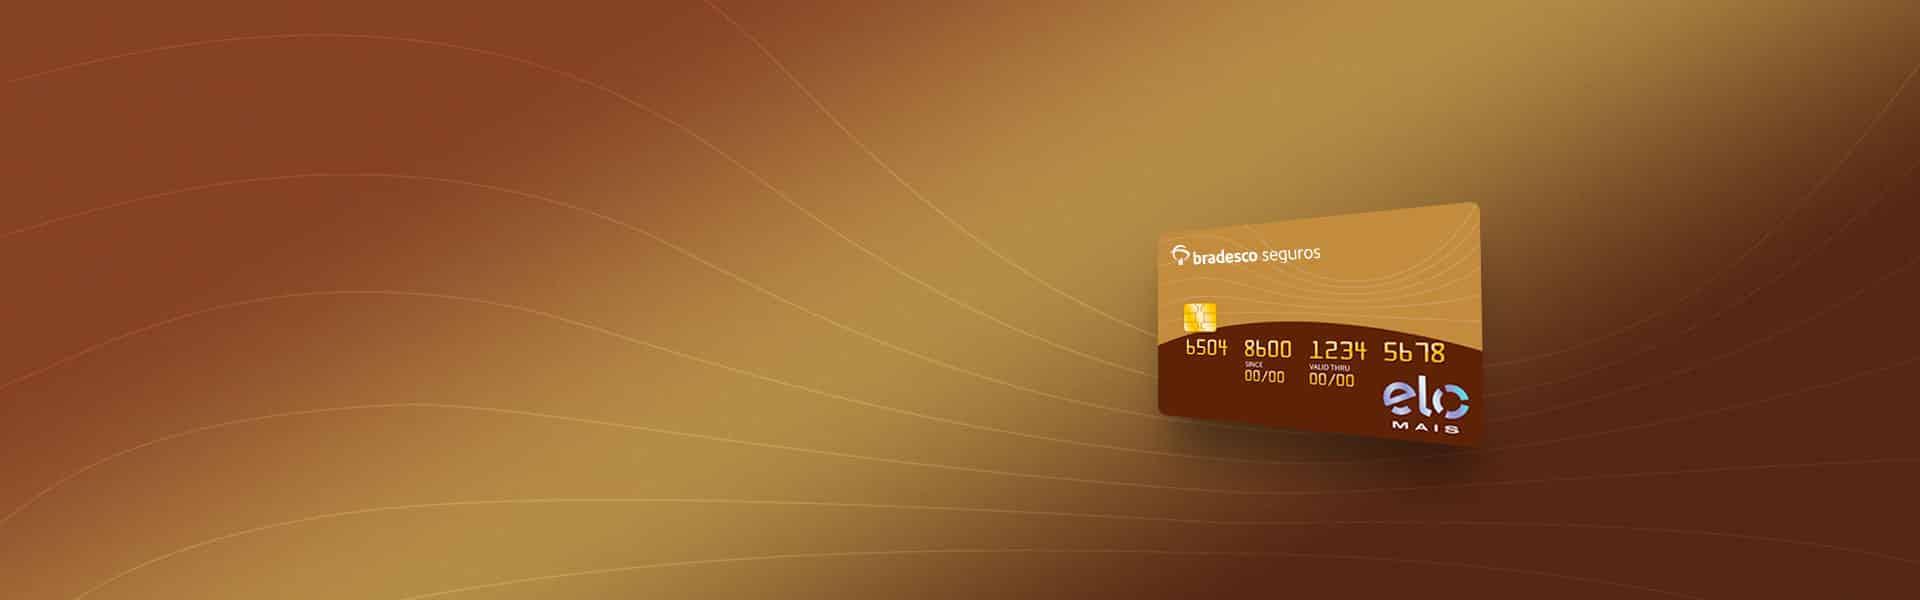 Cartão bradesco seguros elo mais gold: bandeira elo, programa livelo, descontos exclusivos e muito mais!